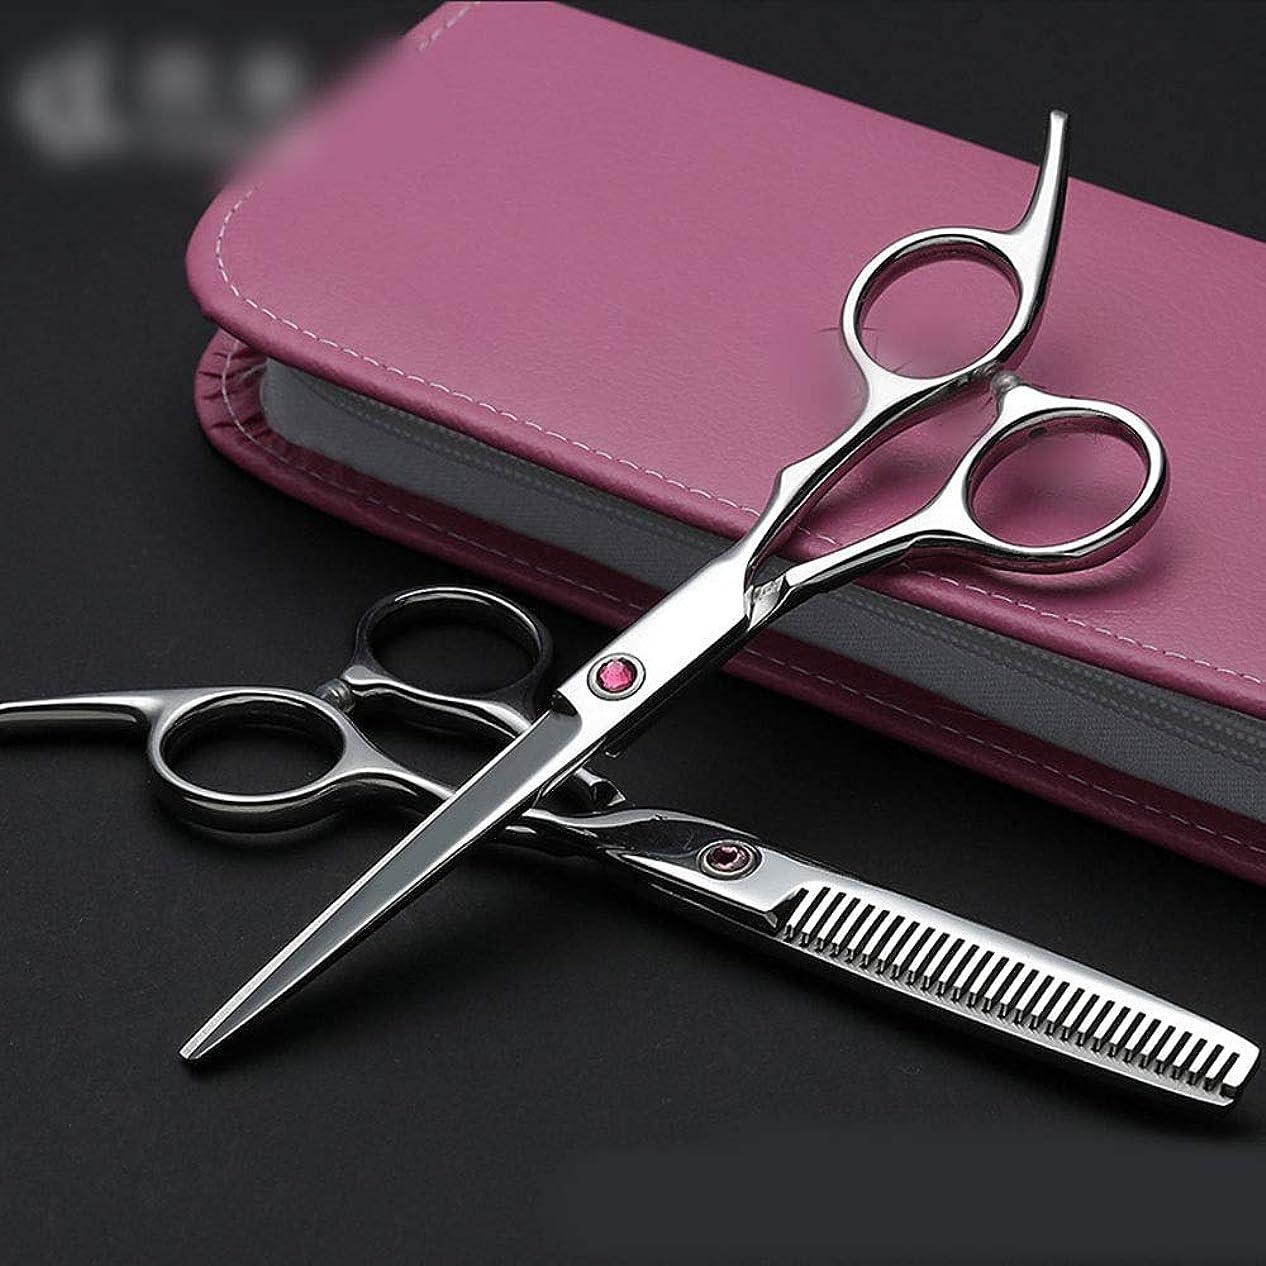 カウボーイ壁スペード理髪用はさみ 6インチプロフェッショナル理髪セット、フラット+歯はさみ理髪はさみセットヘアカット鋏ステンレス理髪はさみ (色 : Pink diamond)